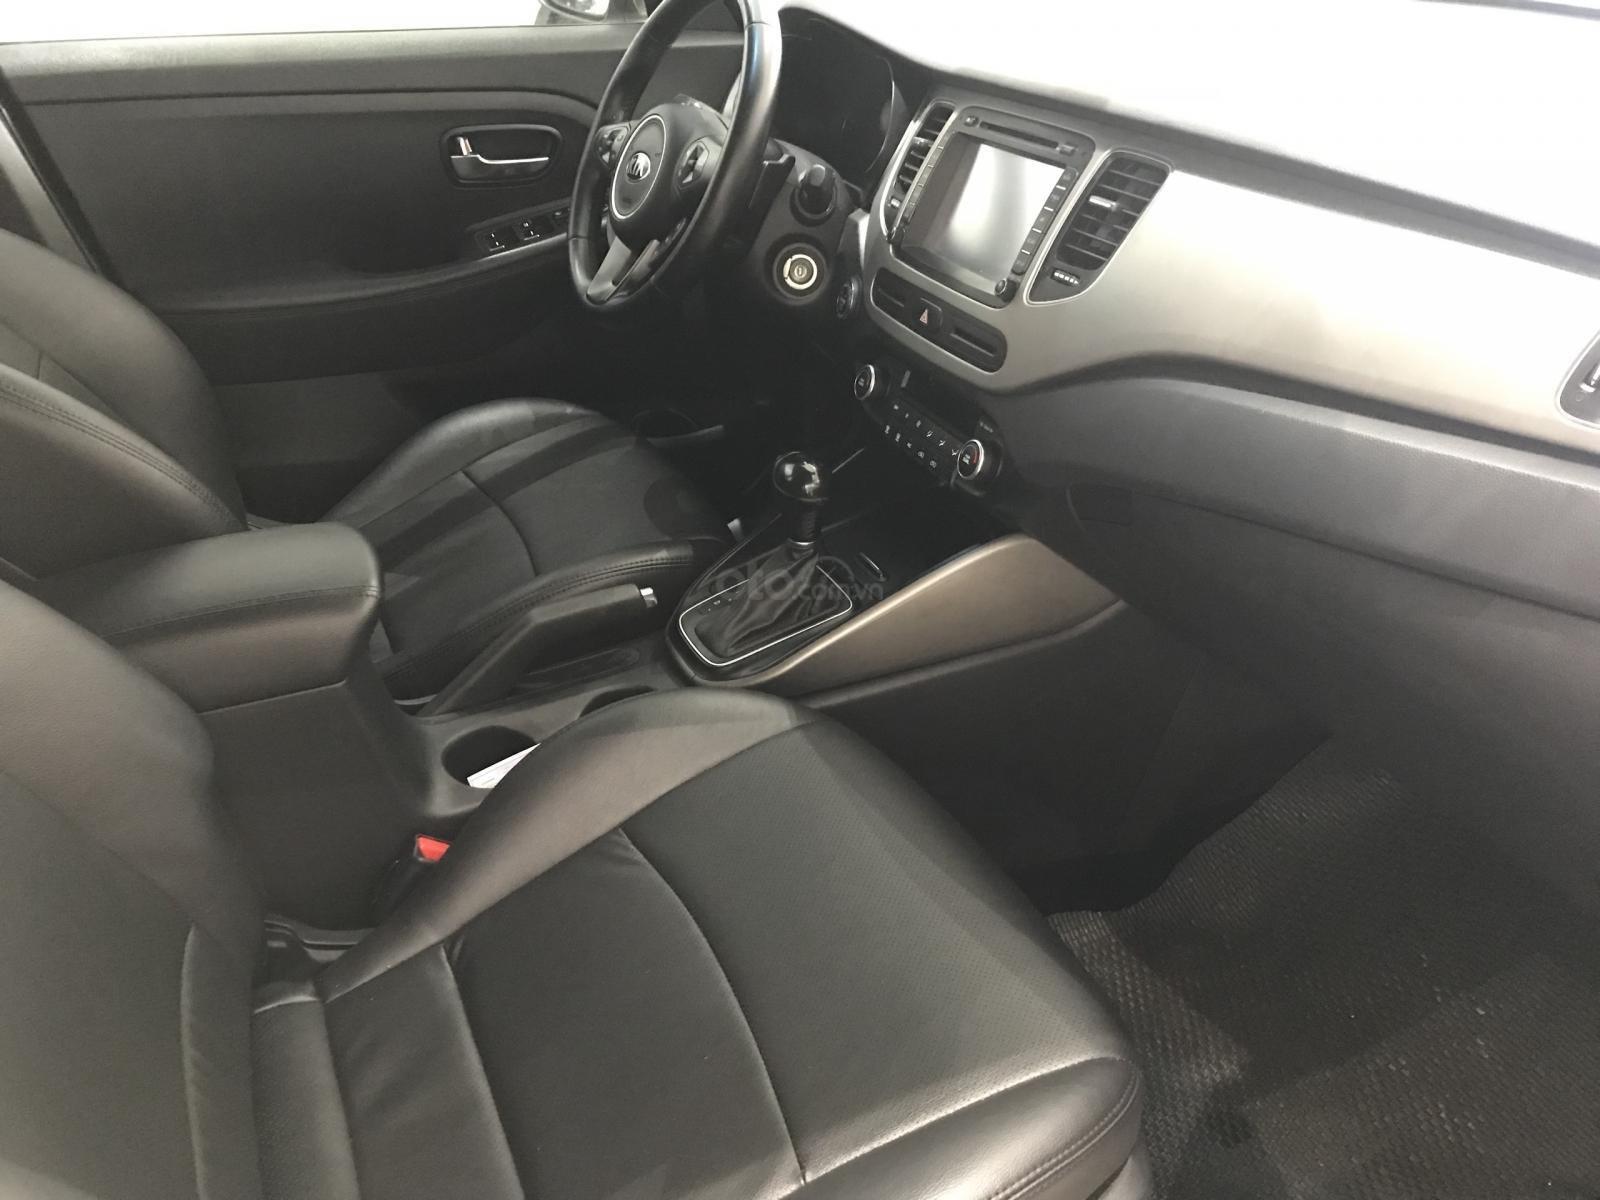 Cần bán xe Kia Rondo đời 2016 máy dầu-4